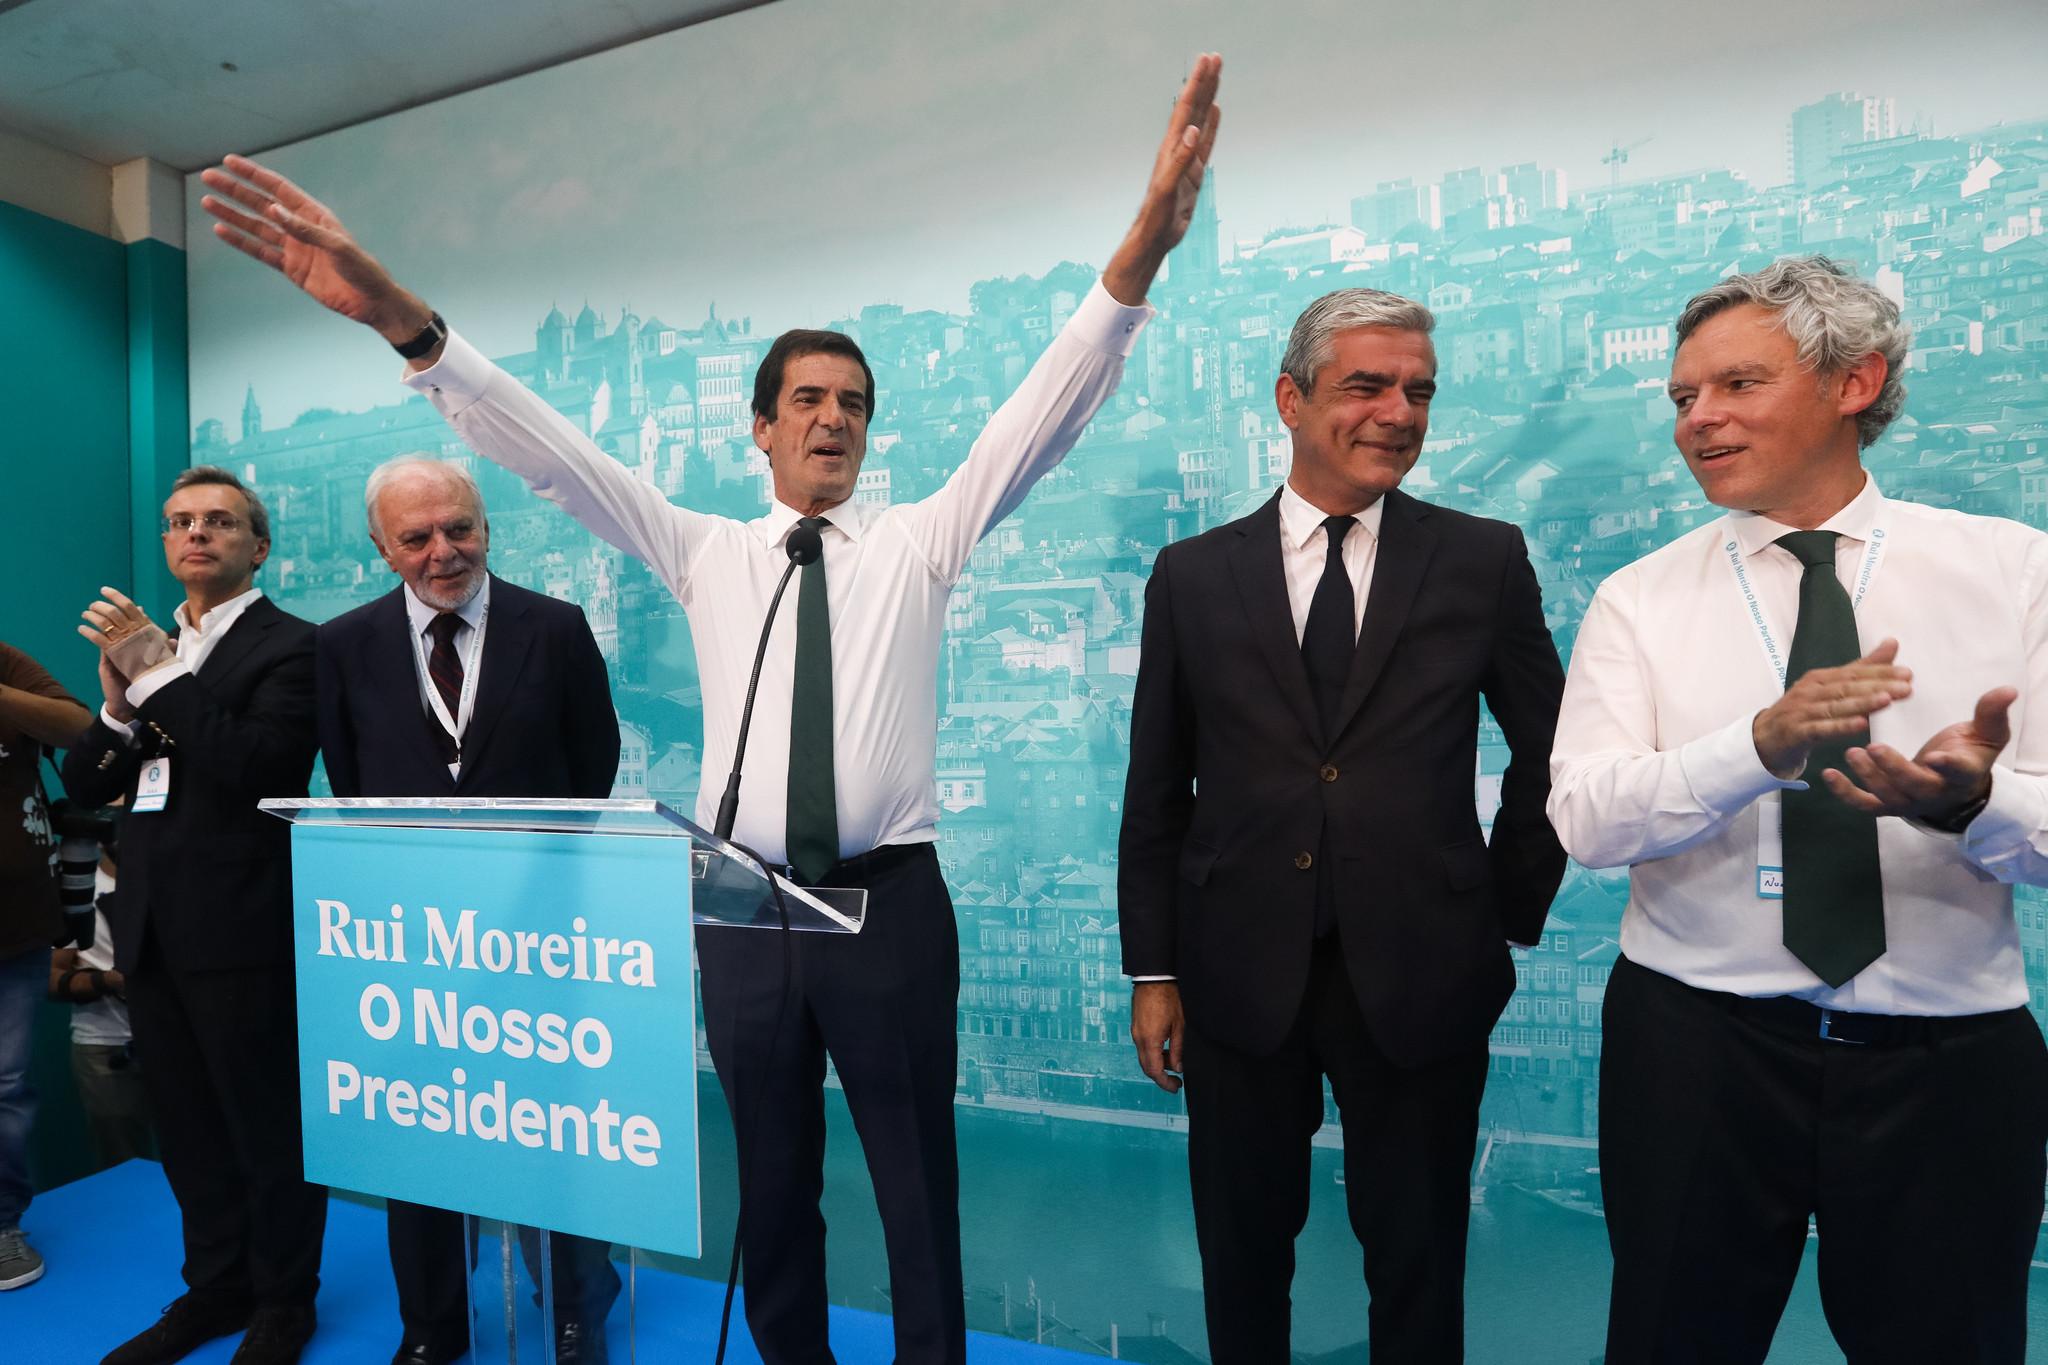 Fotos da noite eleitoral na sede de Rui Moreira 1